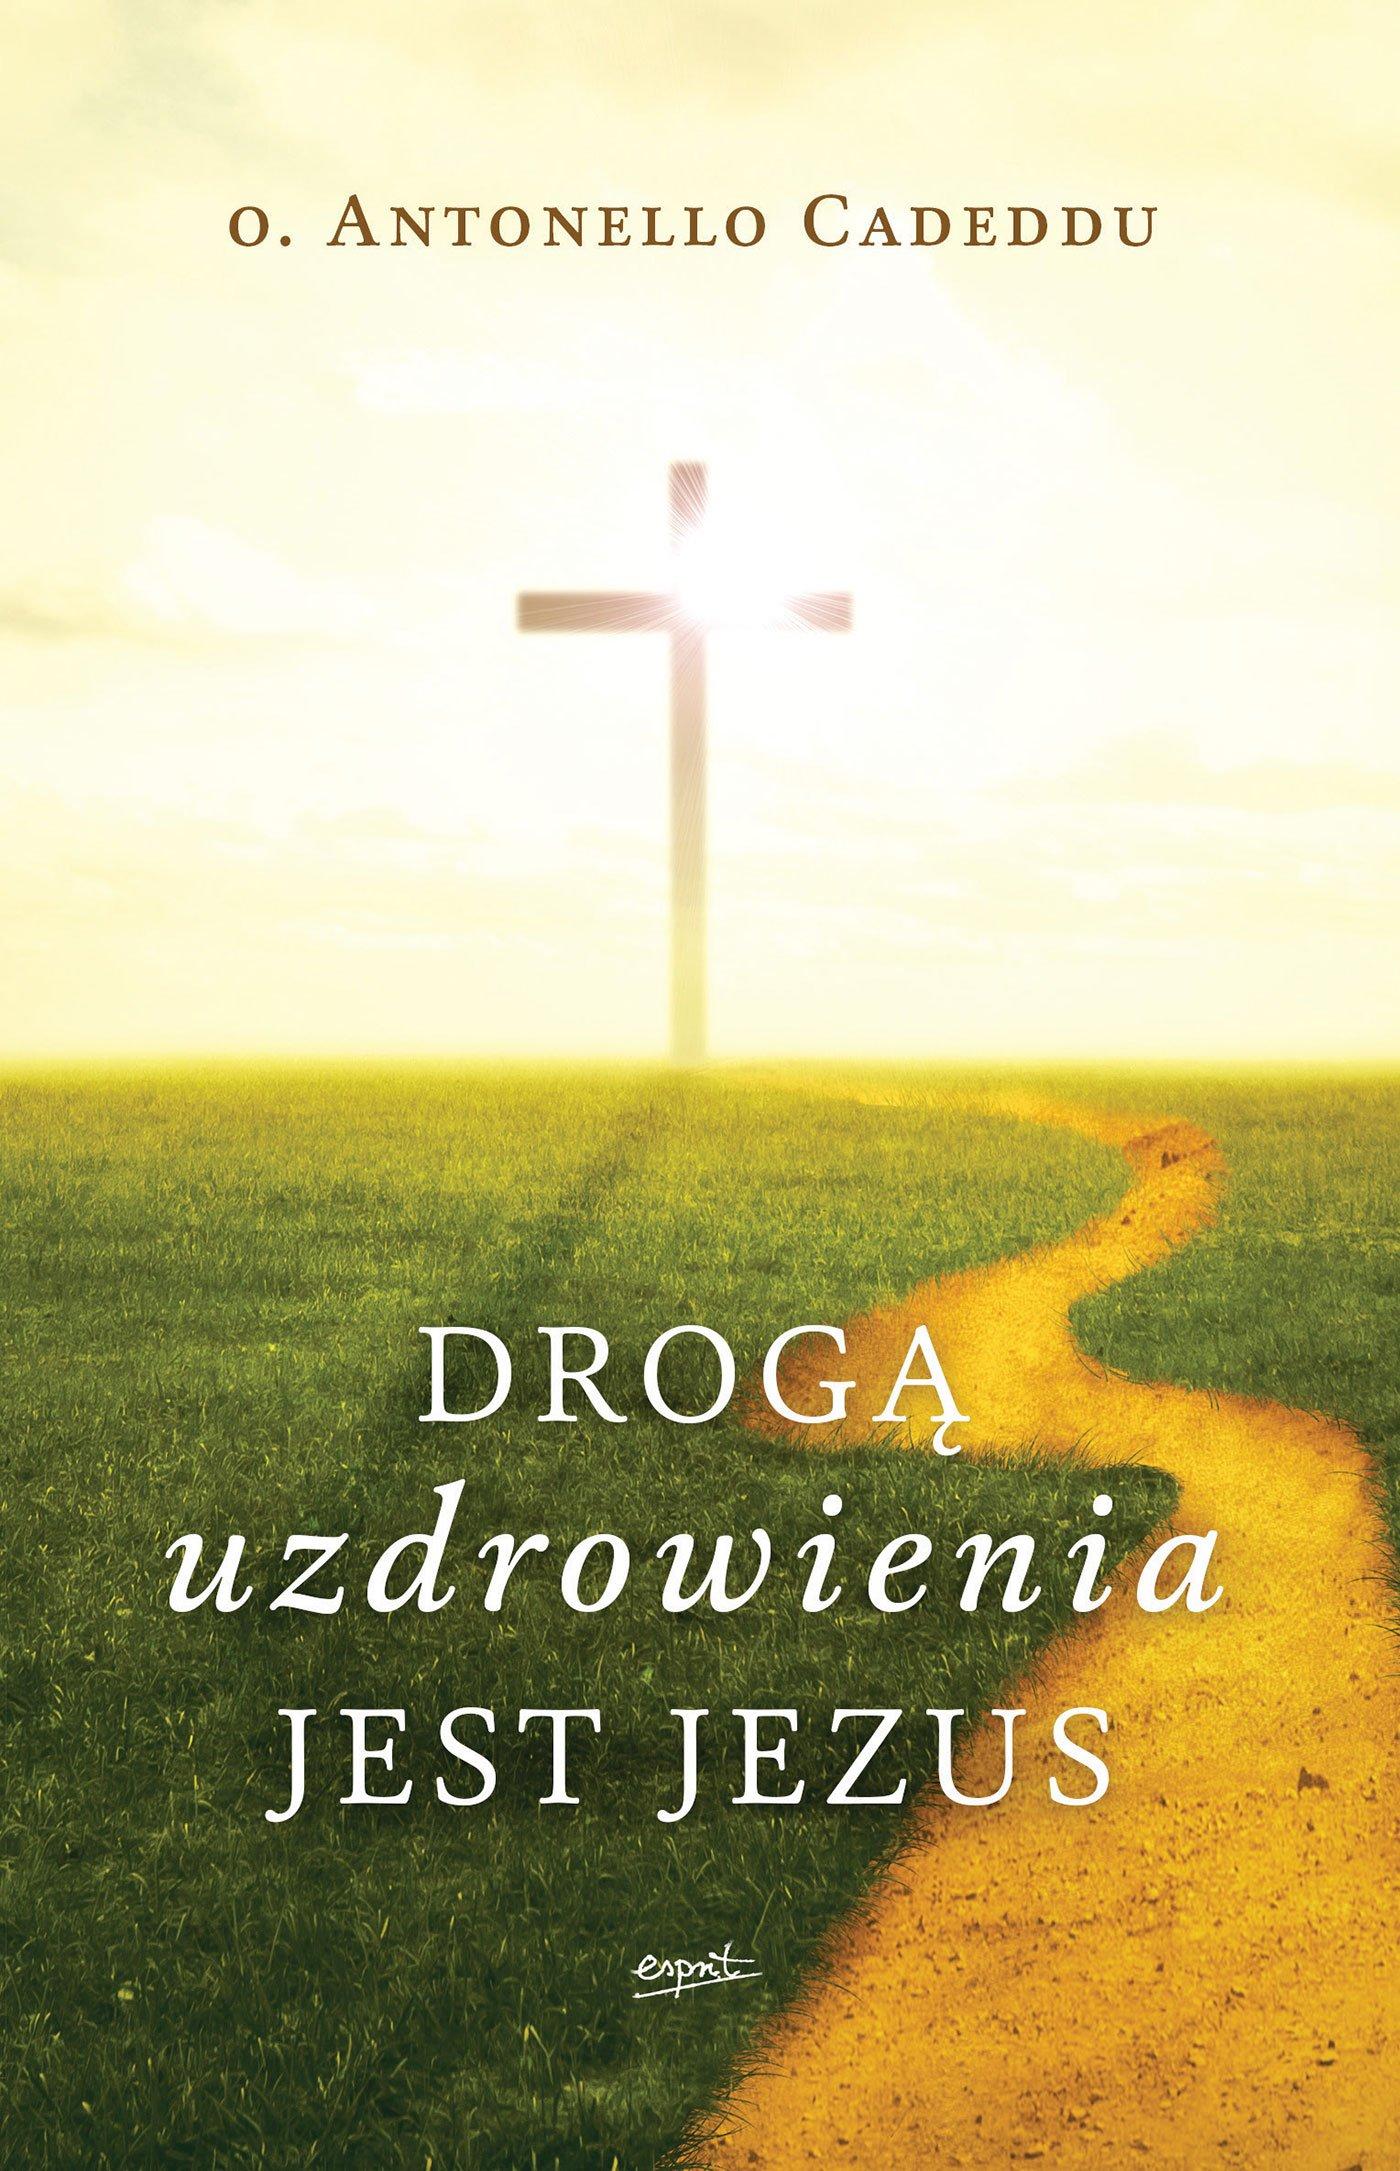 Drogą uzdrowienia jest Jezus - Ebook (Książka EPUB) do pobrania w formacie EPUB